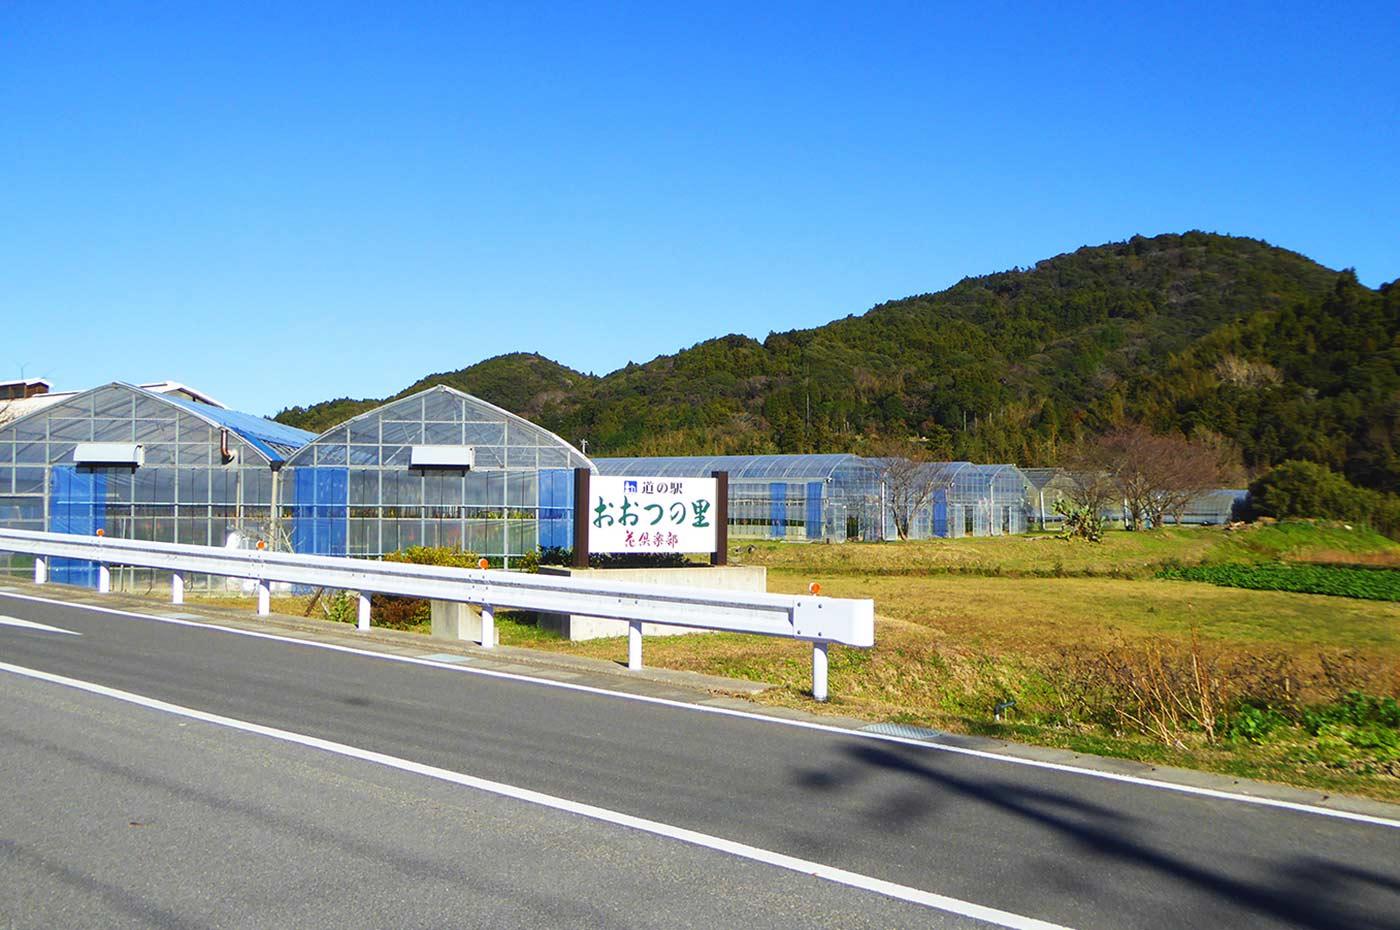 道の駅おおつの里 花倶楽部の外観画像